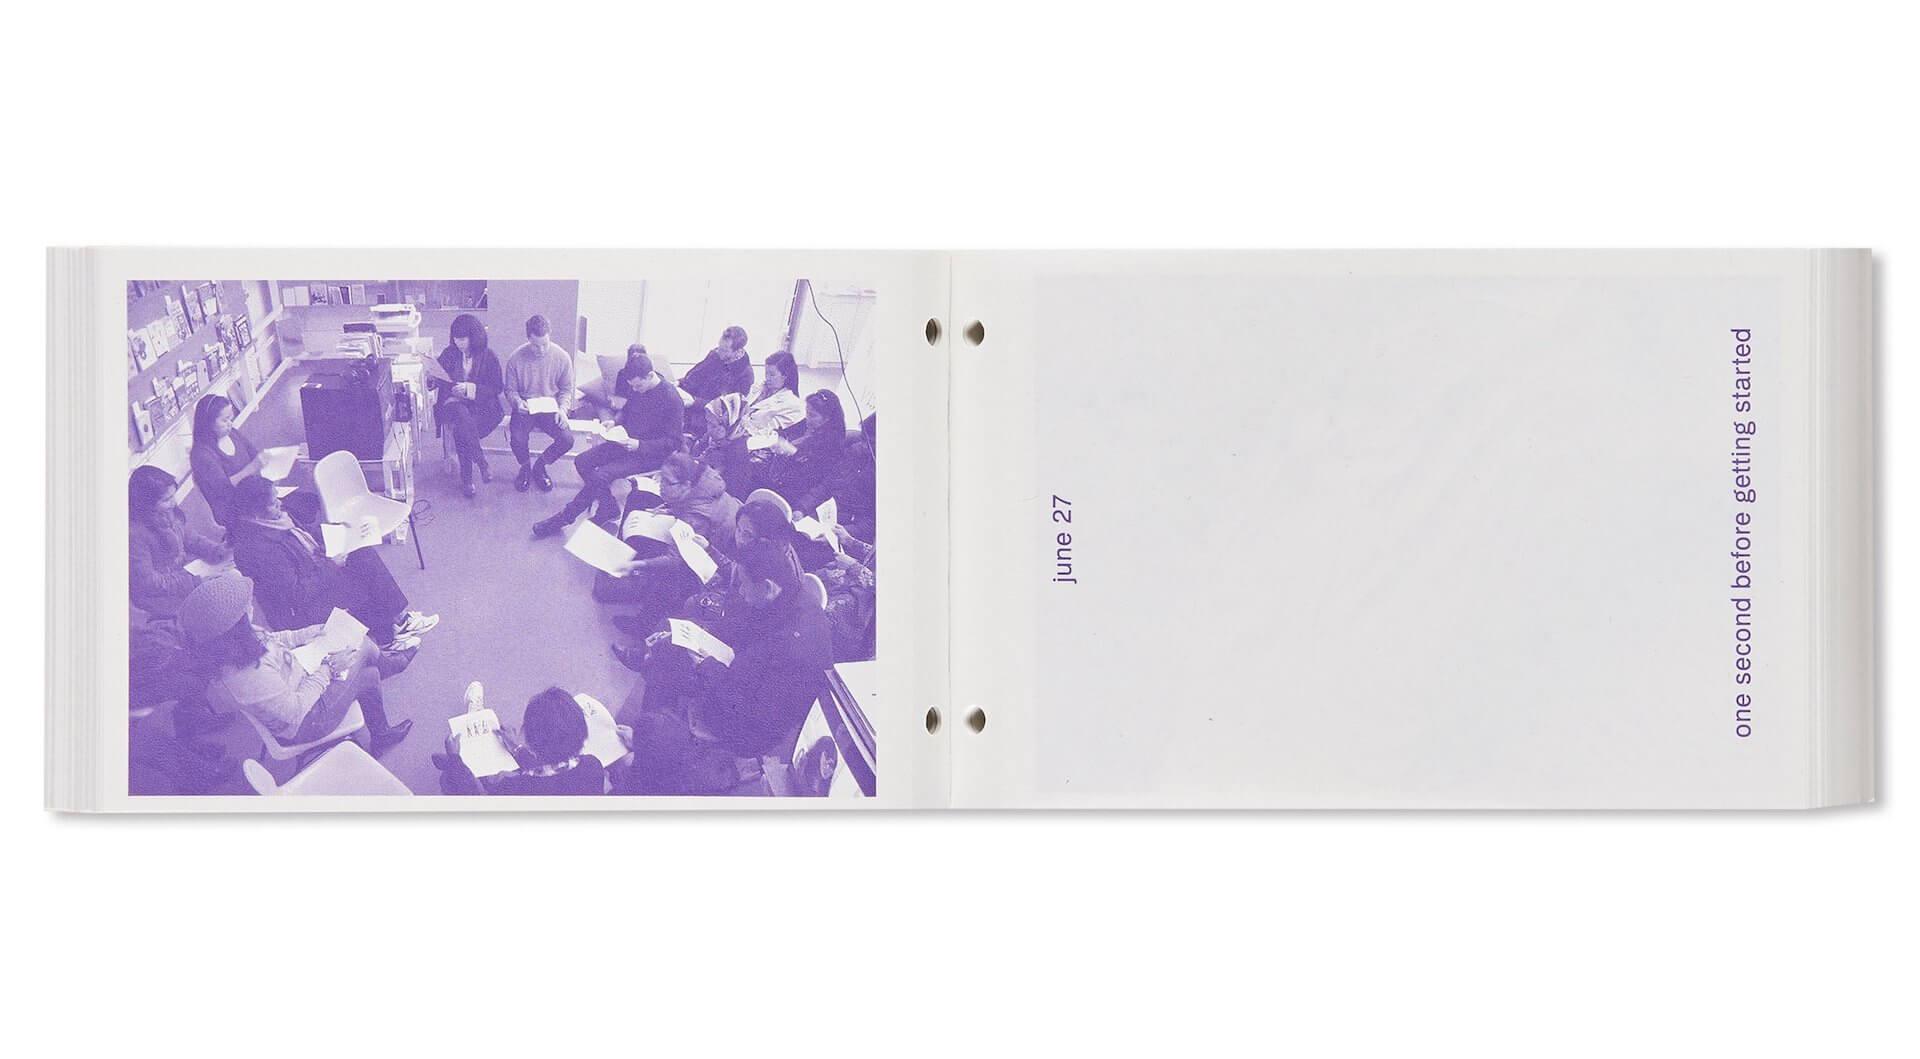 アートブックノススメ Qetic編集部が選ぶ5冊/Davide Sorrenti 他 art210322_artbook-05